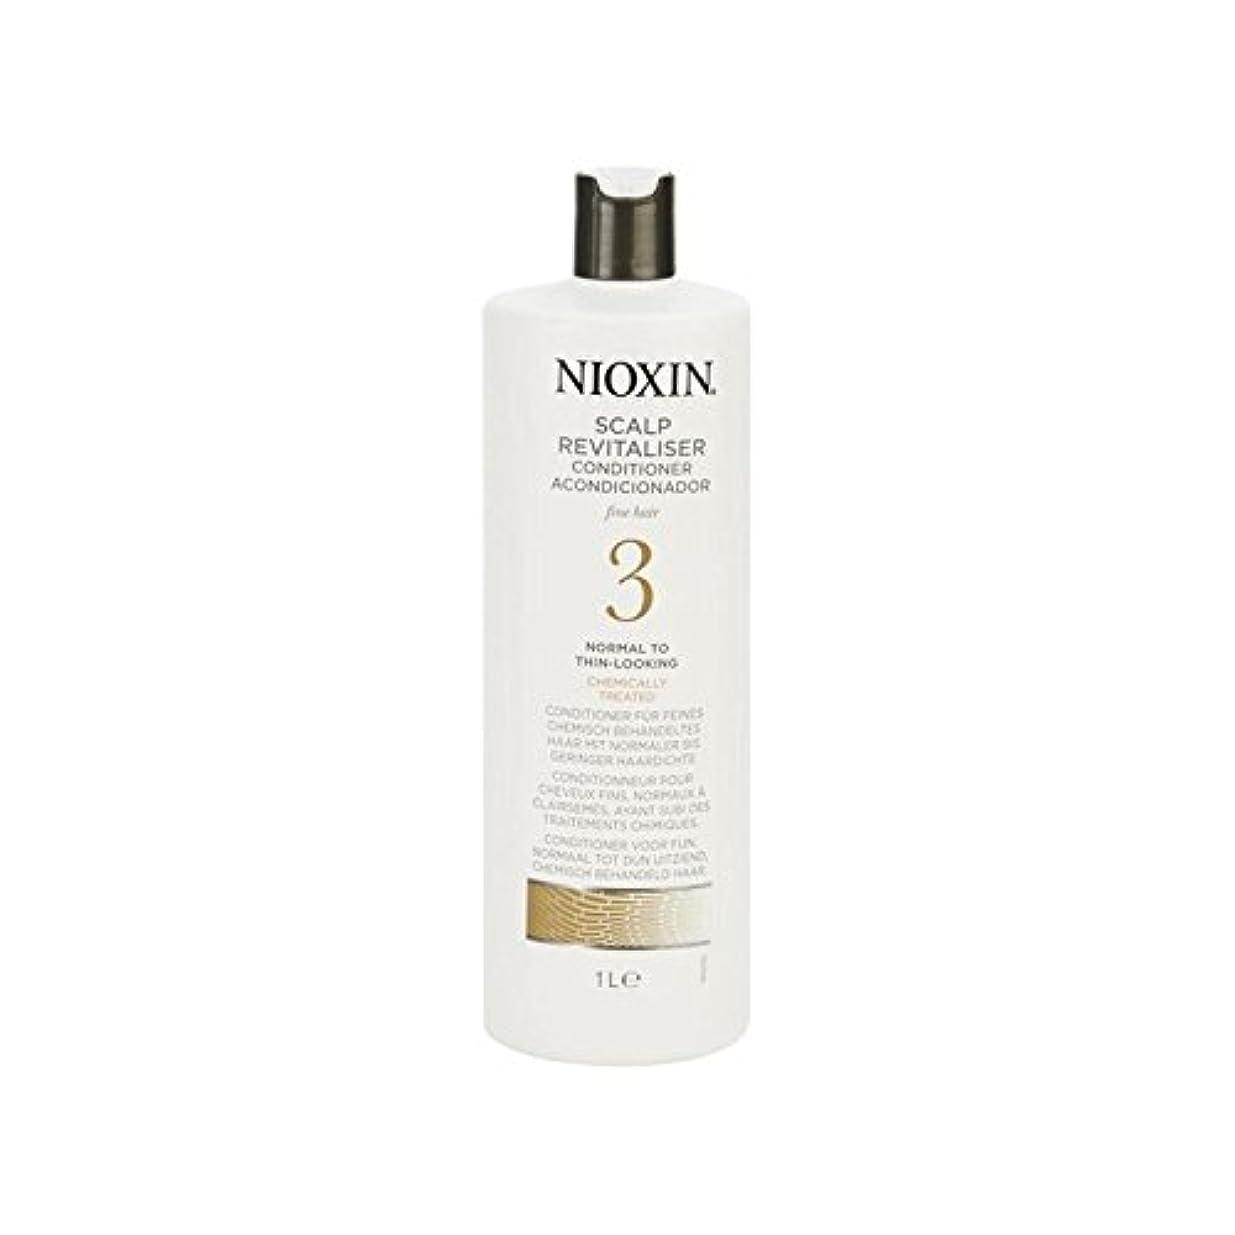 取り戻す人間寄付Nioxin System 3 Scalp Revitaliser Conditioner For Fine, Normal To Thin, Chemically Treated Hair 1000ml - 薄く、化学的...